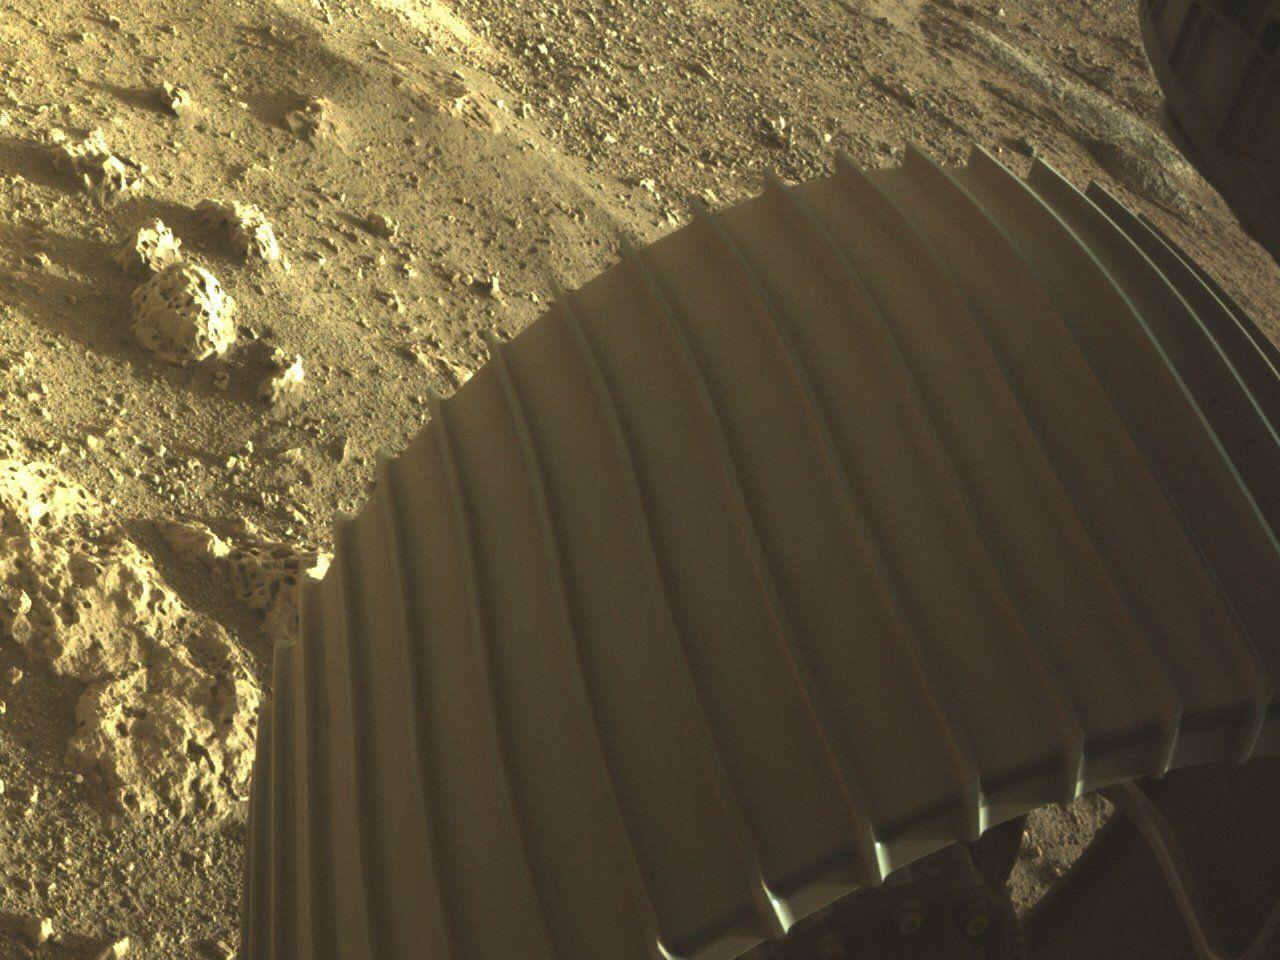 Mars'tan ilk yakın çekim fotoğraflar geldi - Sayfa 4